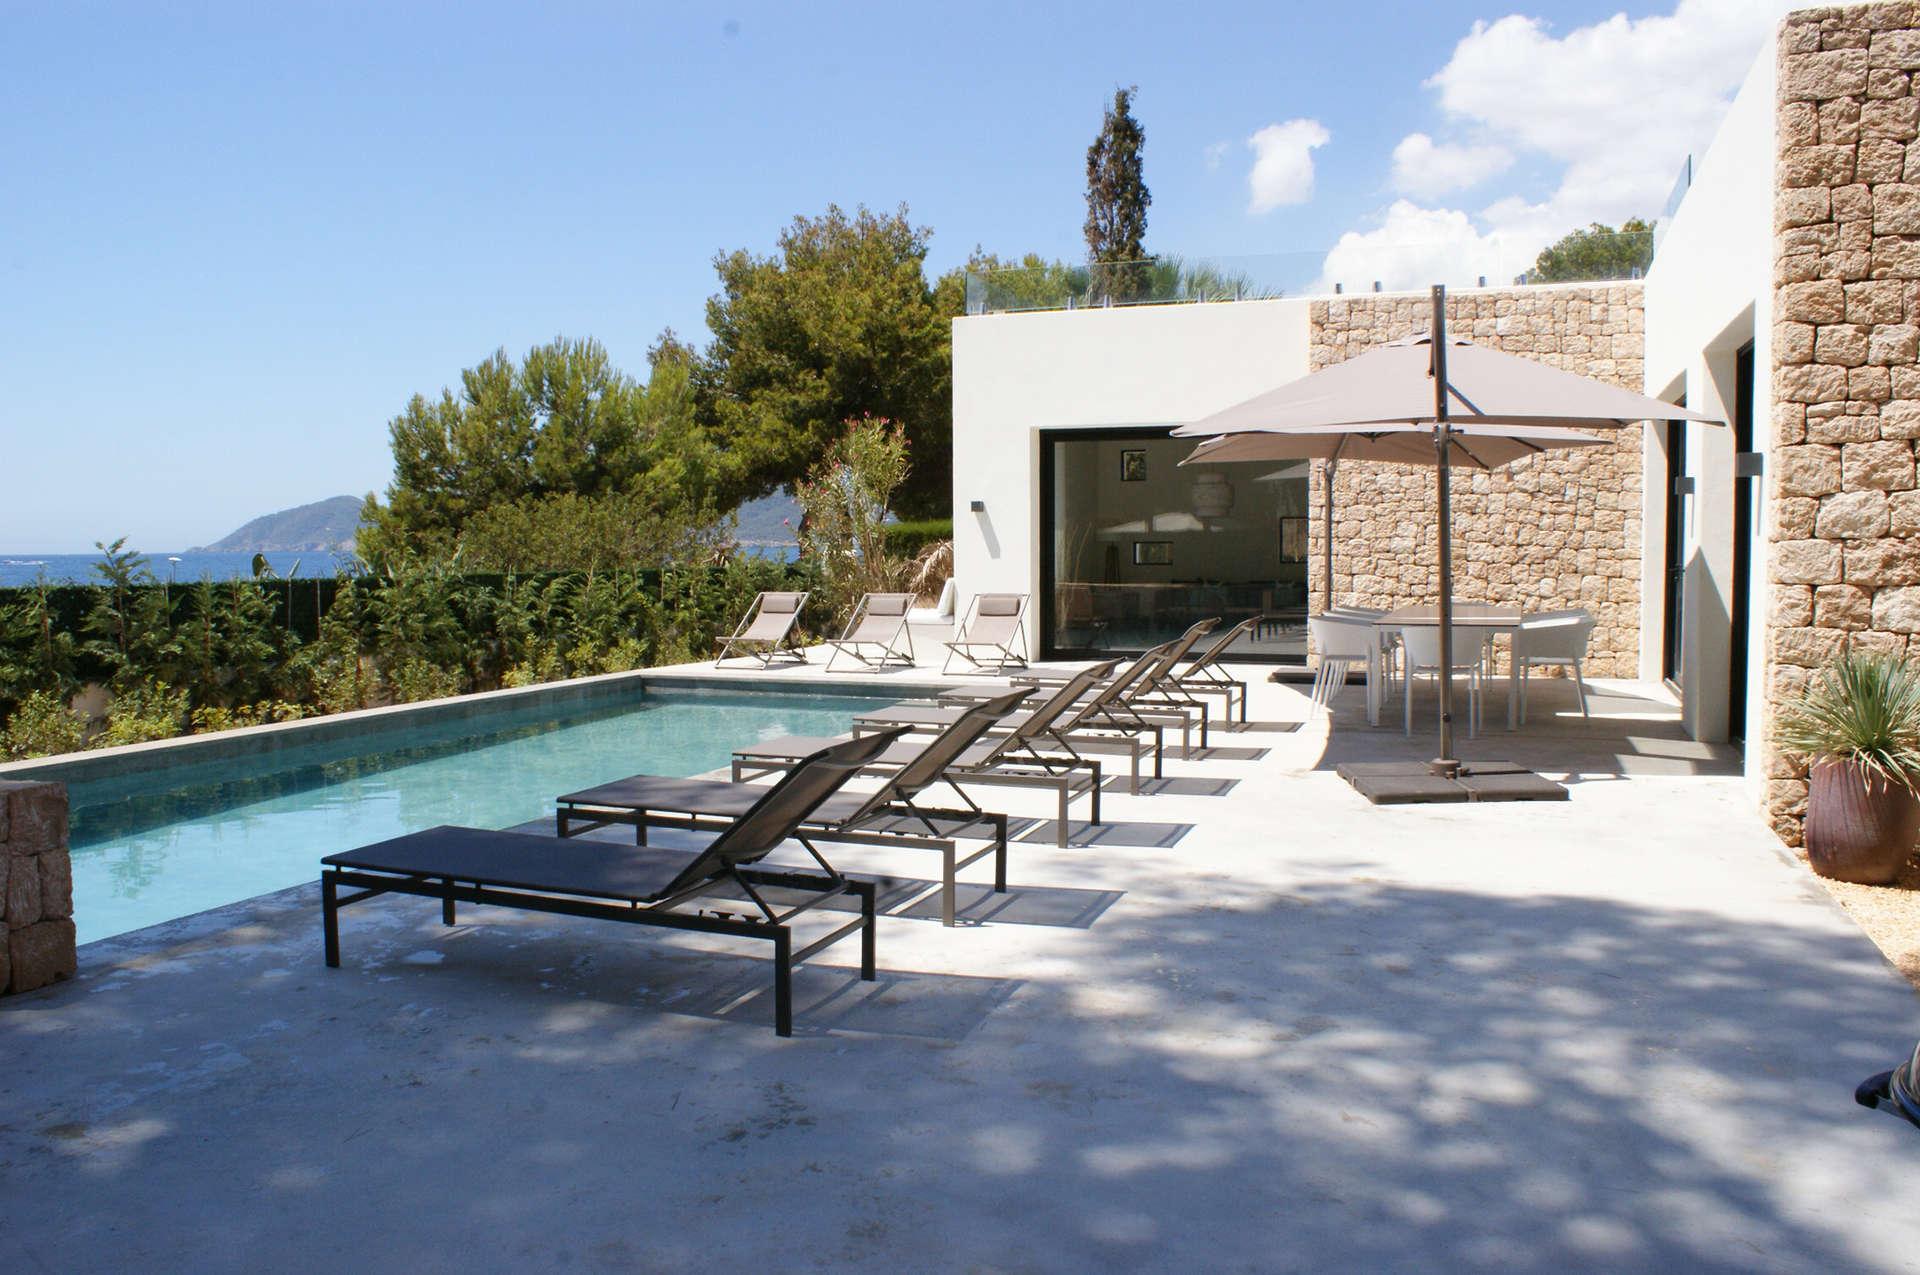 - Casa Oceano & Casa Tranquila S'Argamassa - Image 1/49